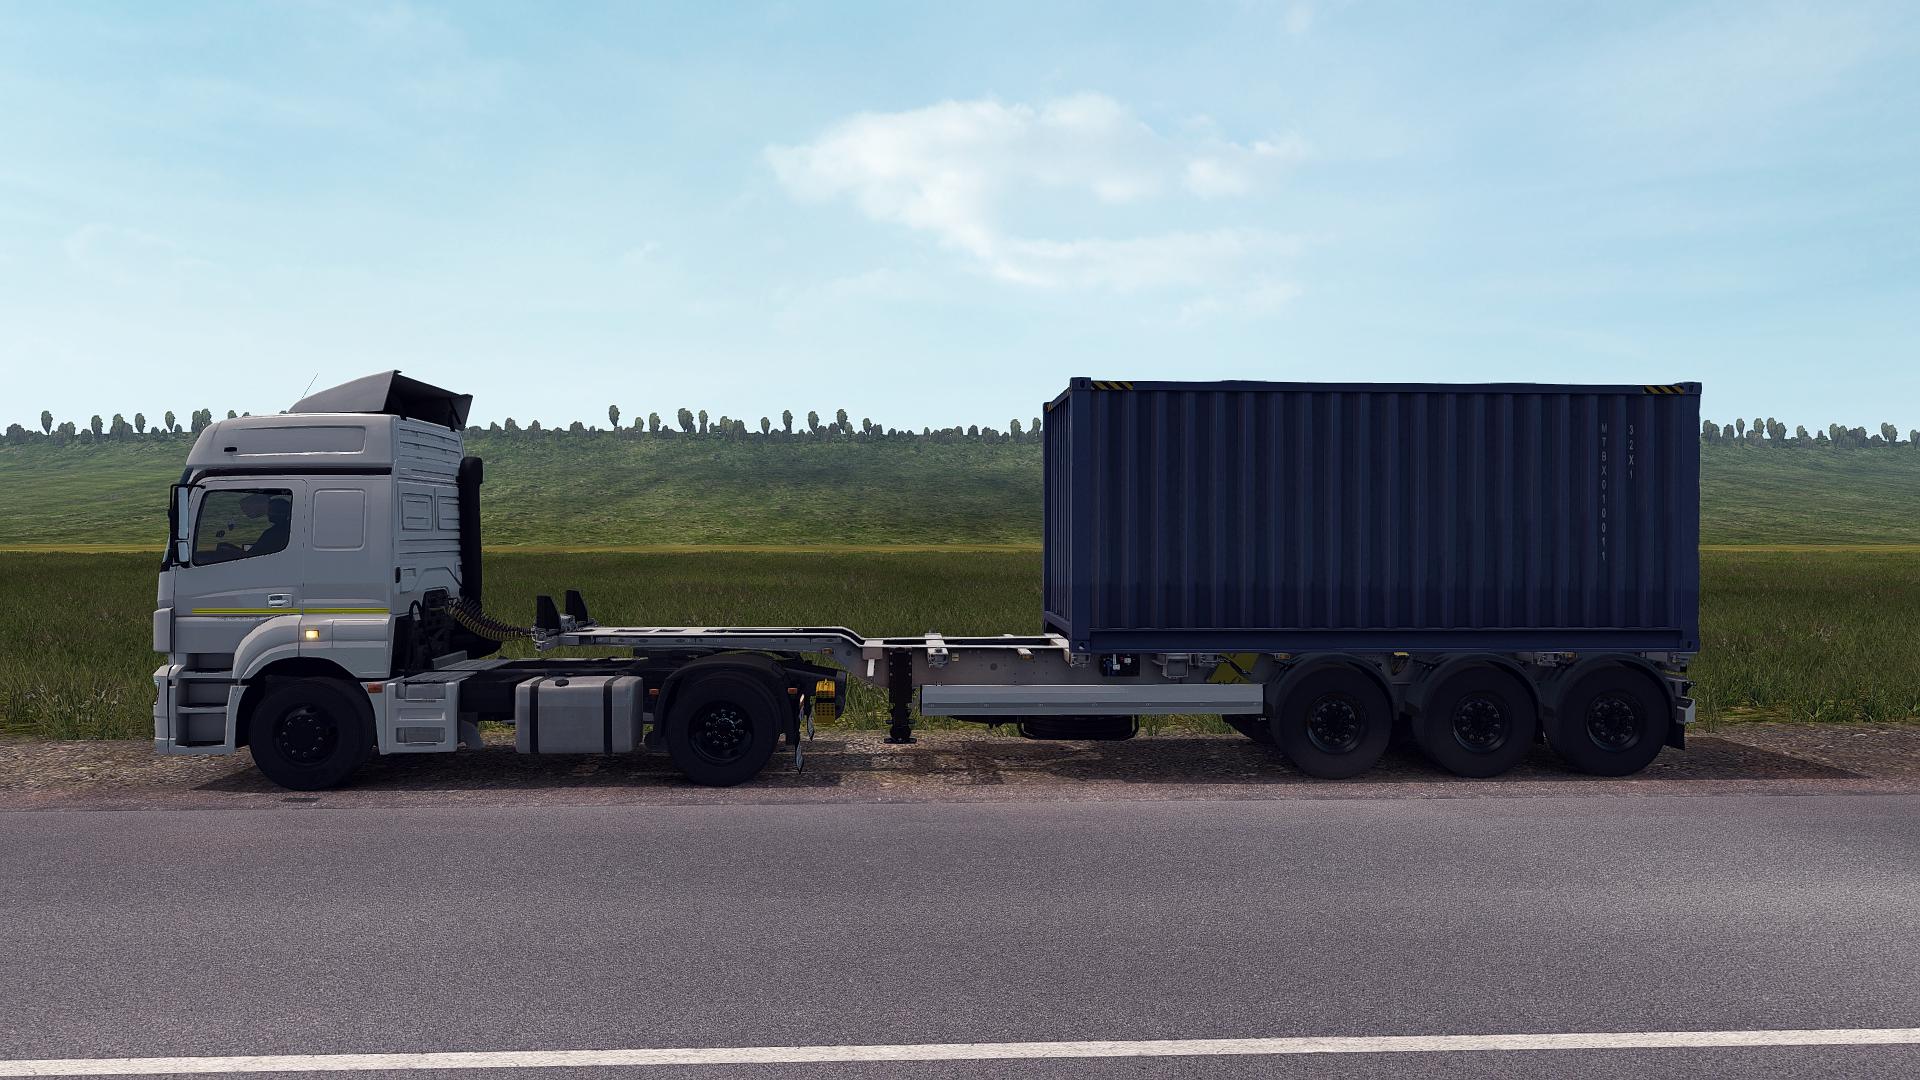 eurotrucks2 2019-02-10 18-21-18.png - Euro Truck Simulator 2